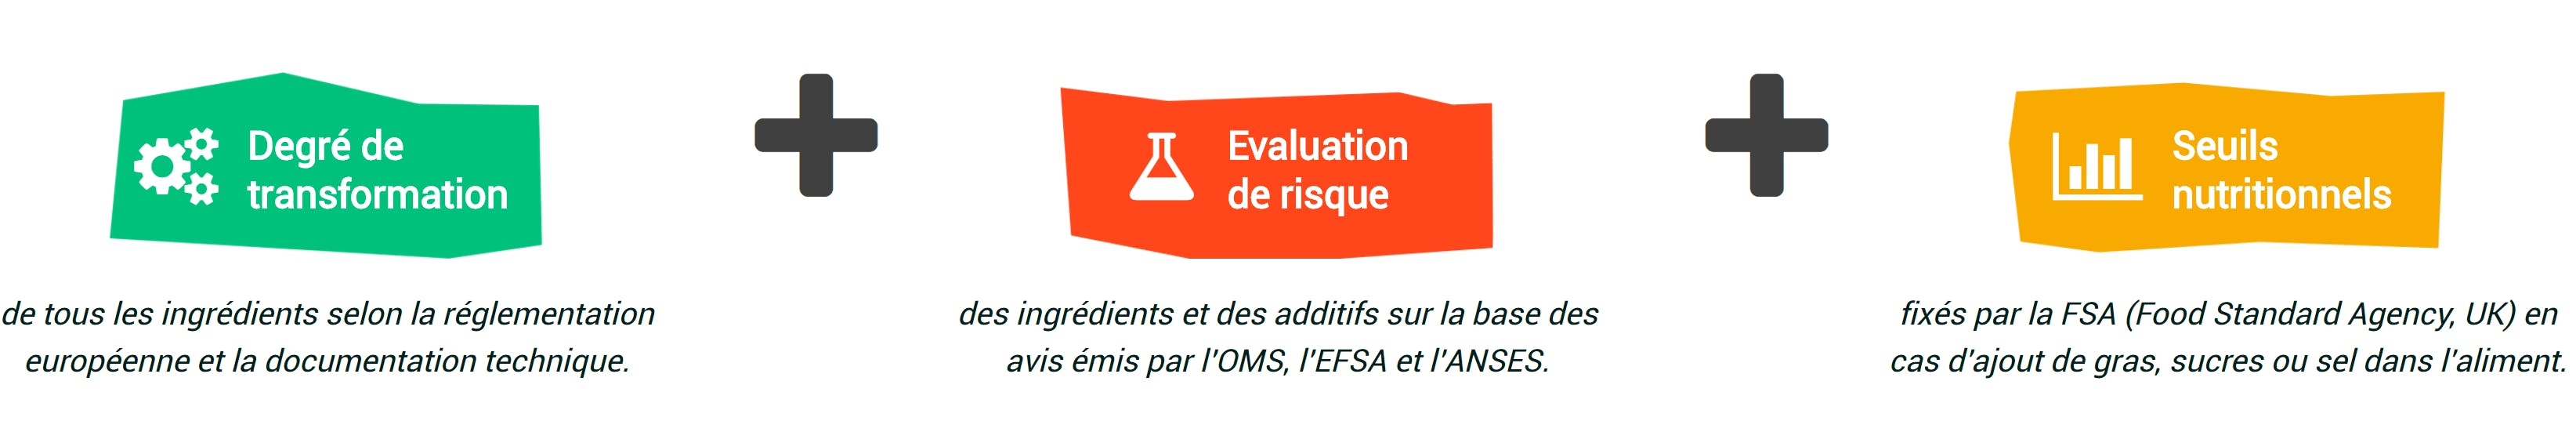 Critères d'évaluation Siga